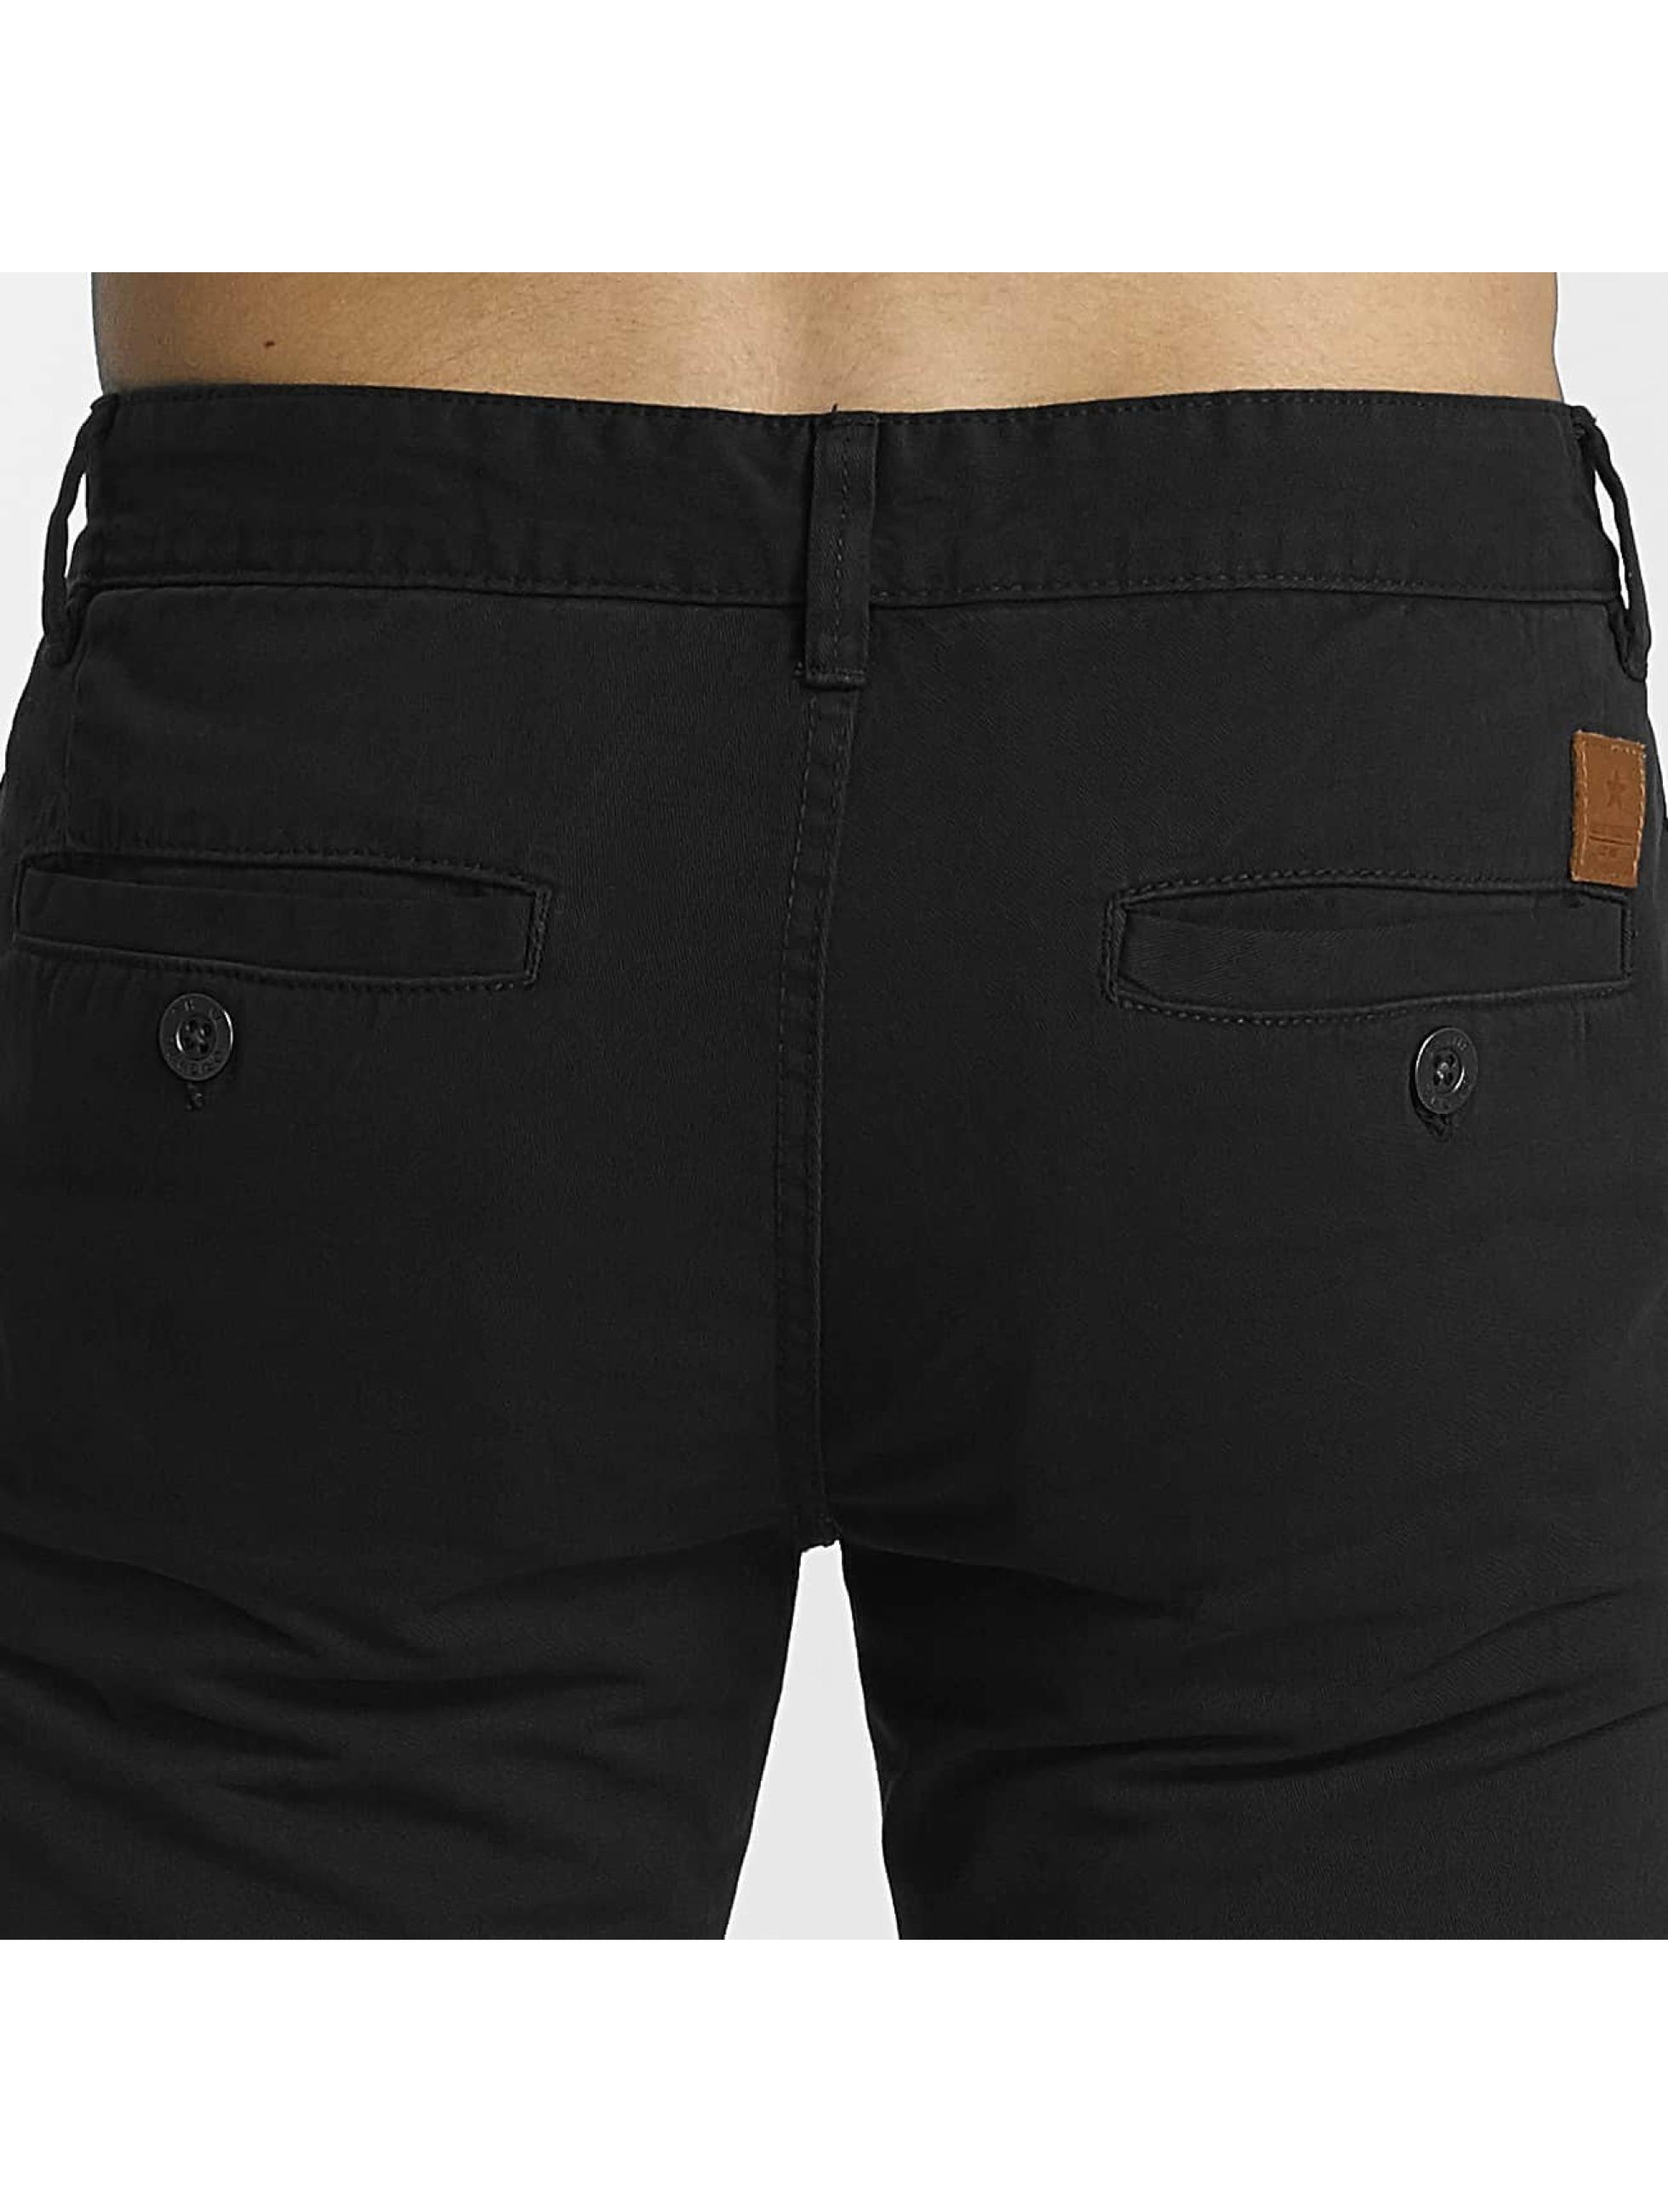 SHINE Original Spodnie wizytowe Abdul czarny